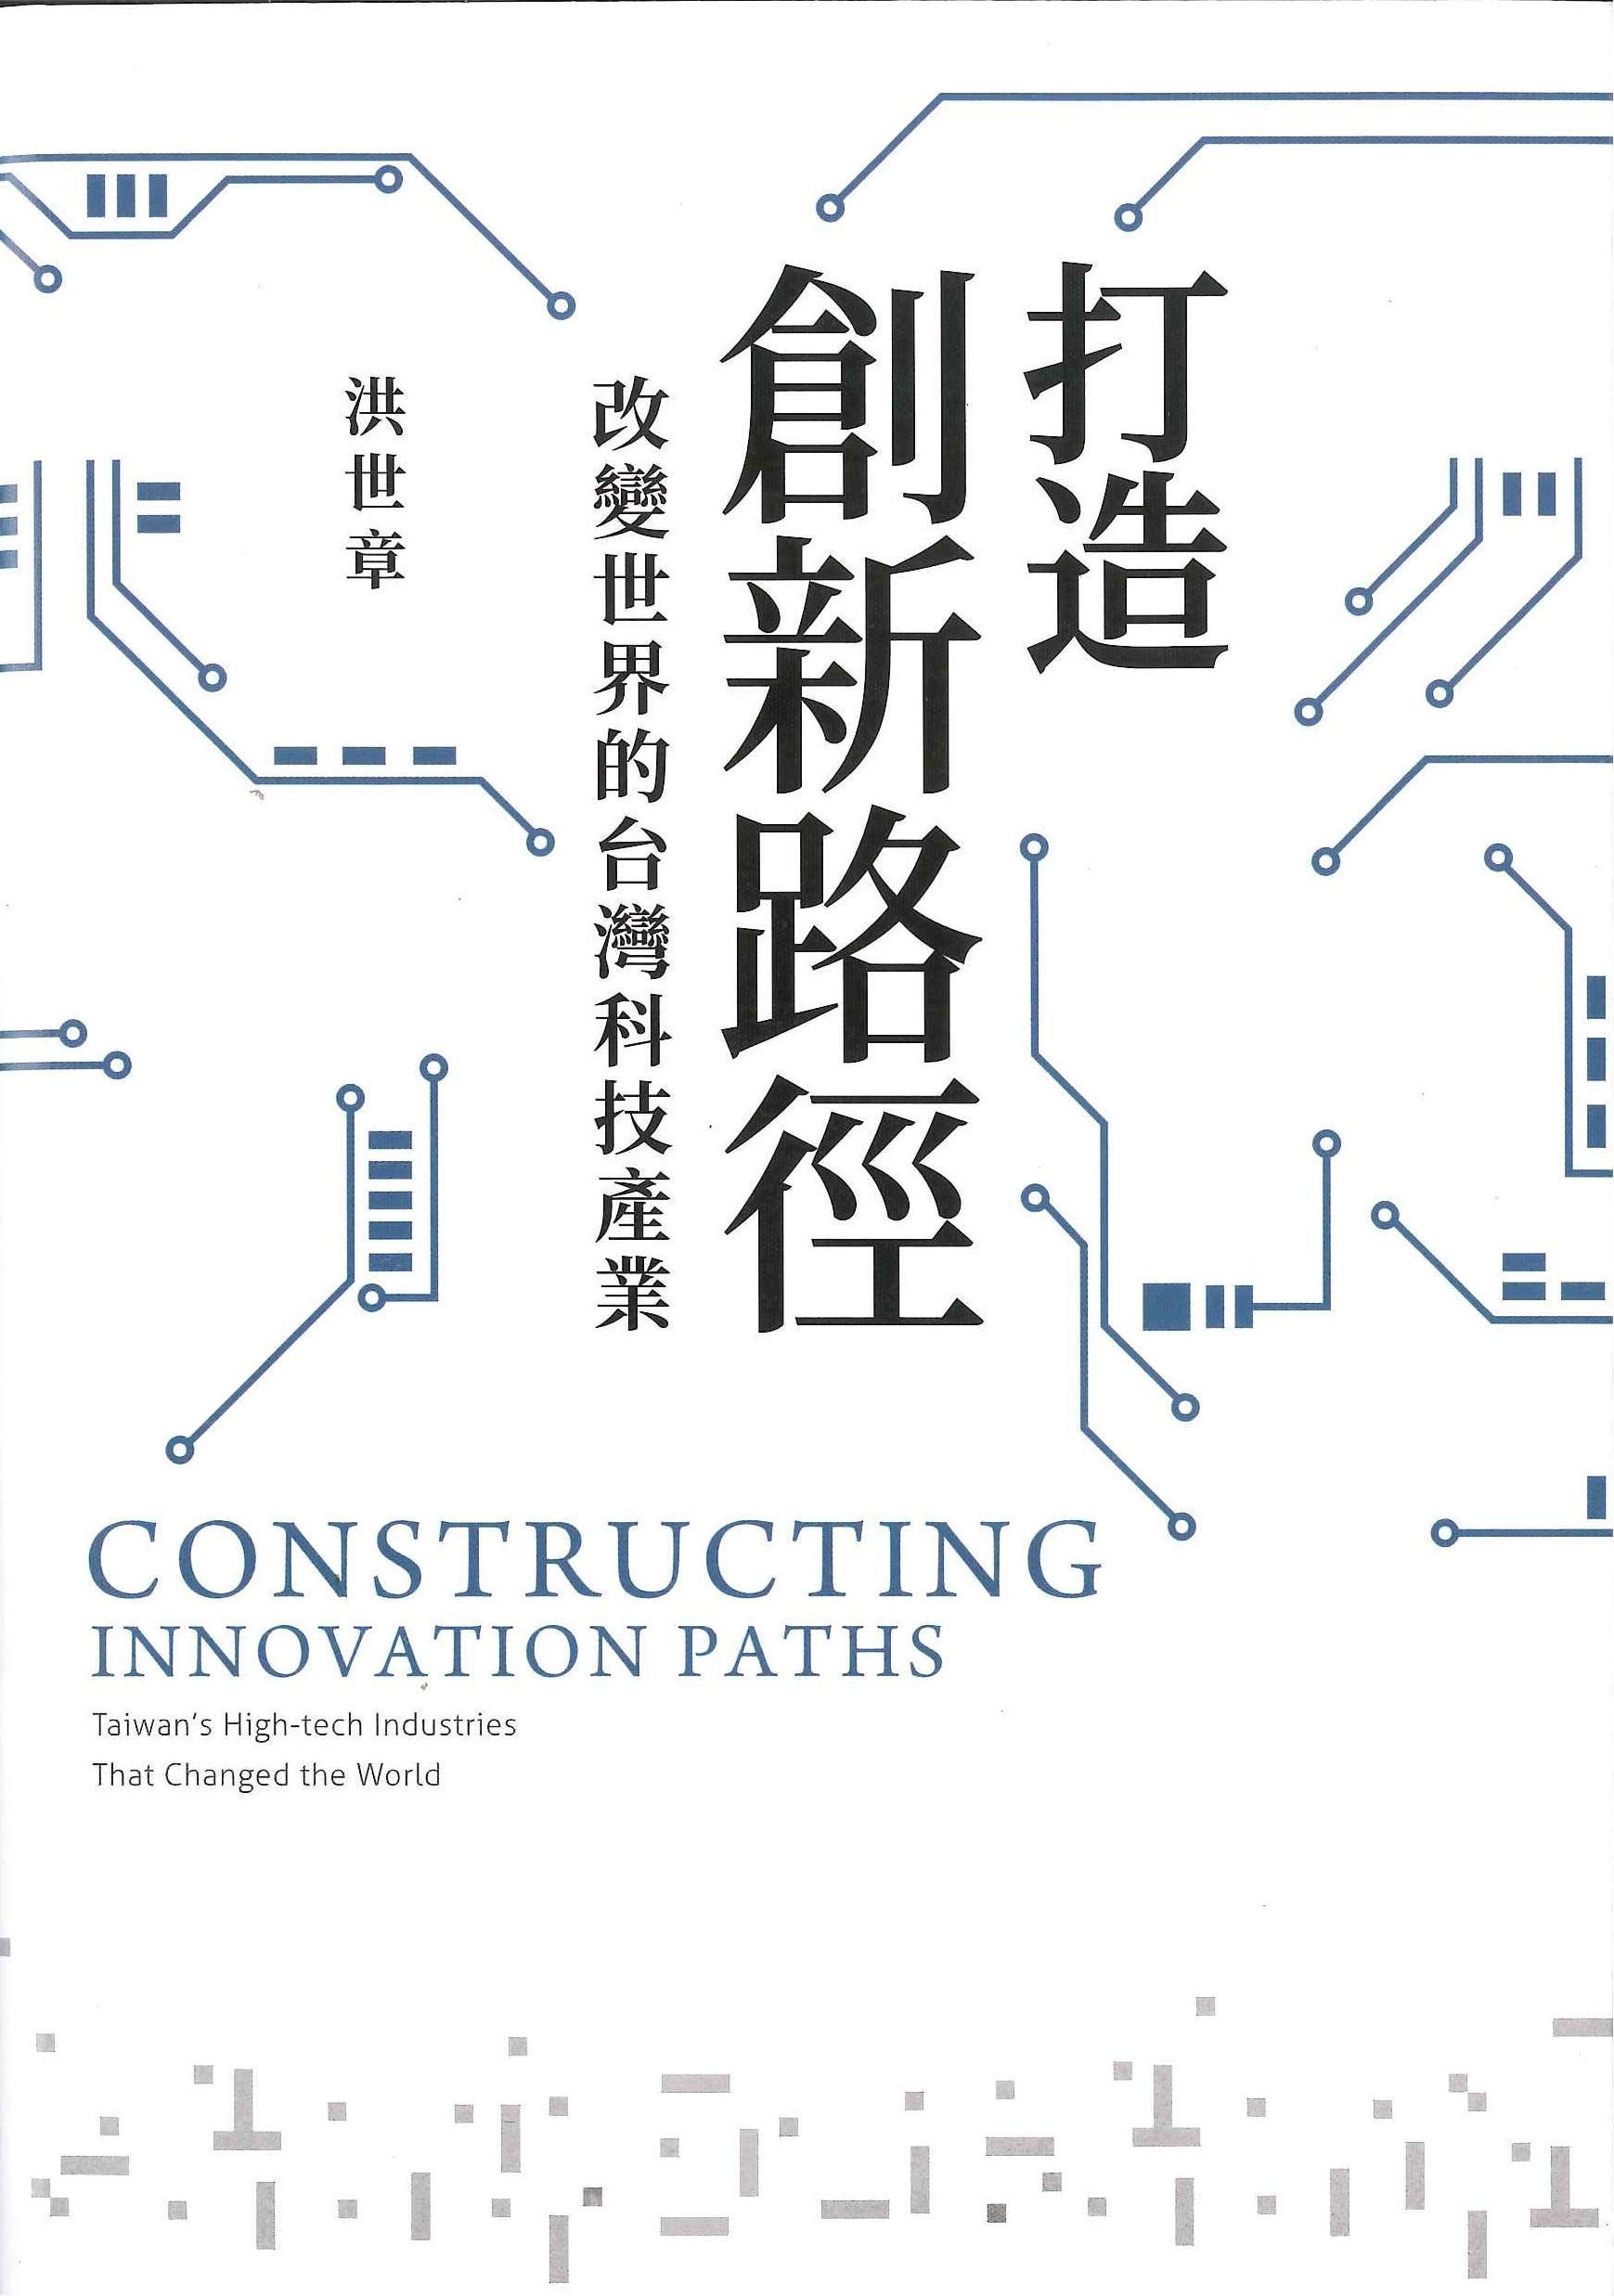 打造創新路徑:改變世界的台灣科技產業=Constructing innovation paths: Taiwan